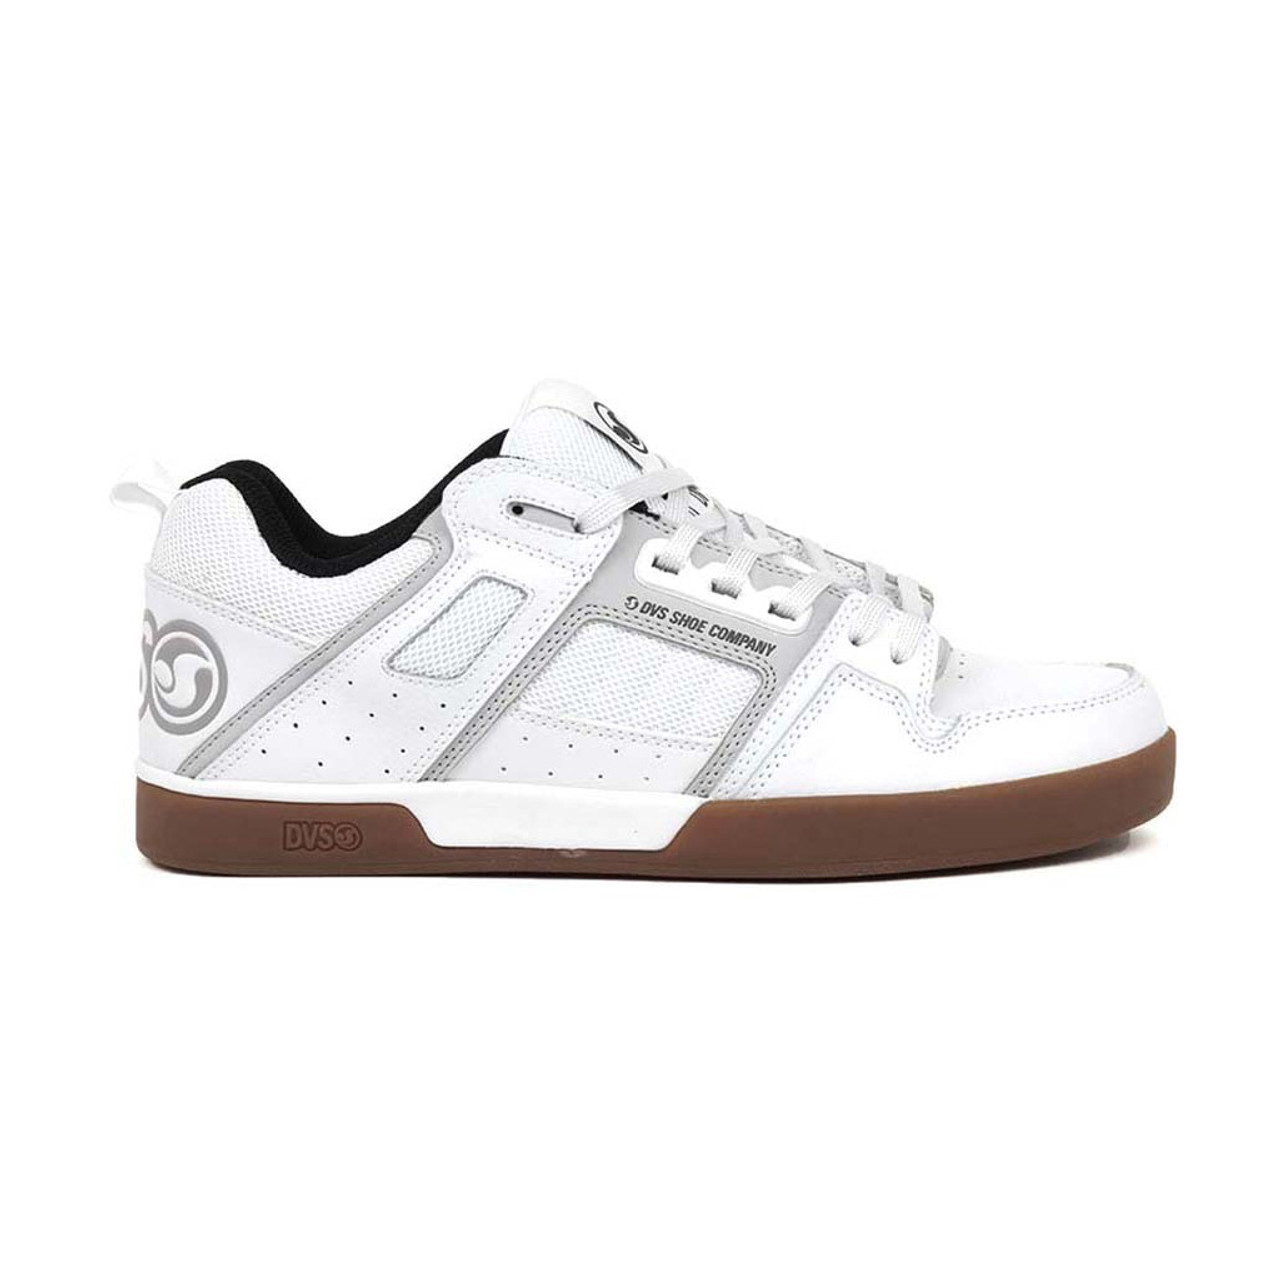 DVS Shoes Comanche 2.0 White/Grey/Gum